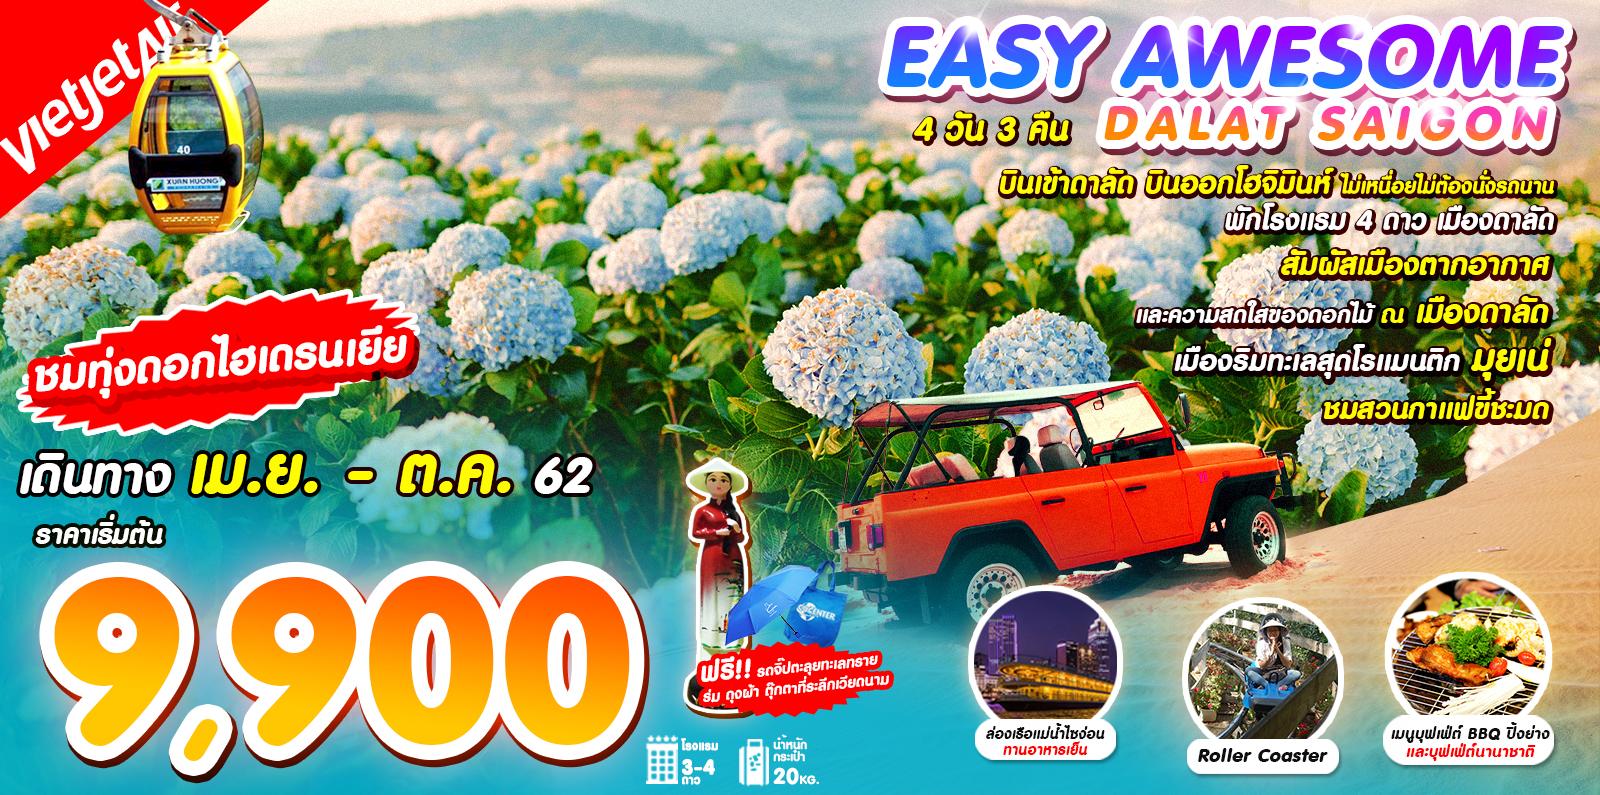 ทัวร์เวียดนาม EASY AWESOME DALAT SAIGON 4D3N